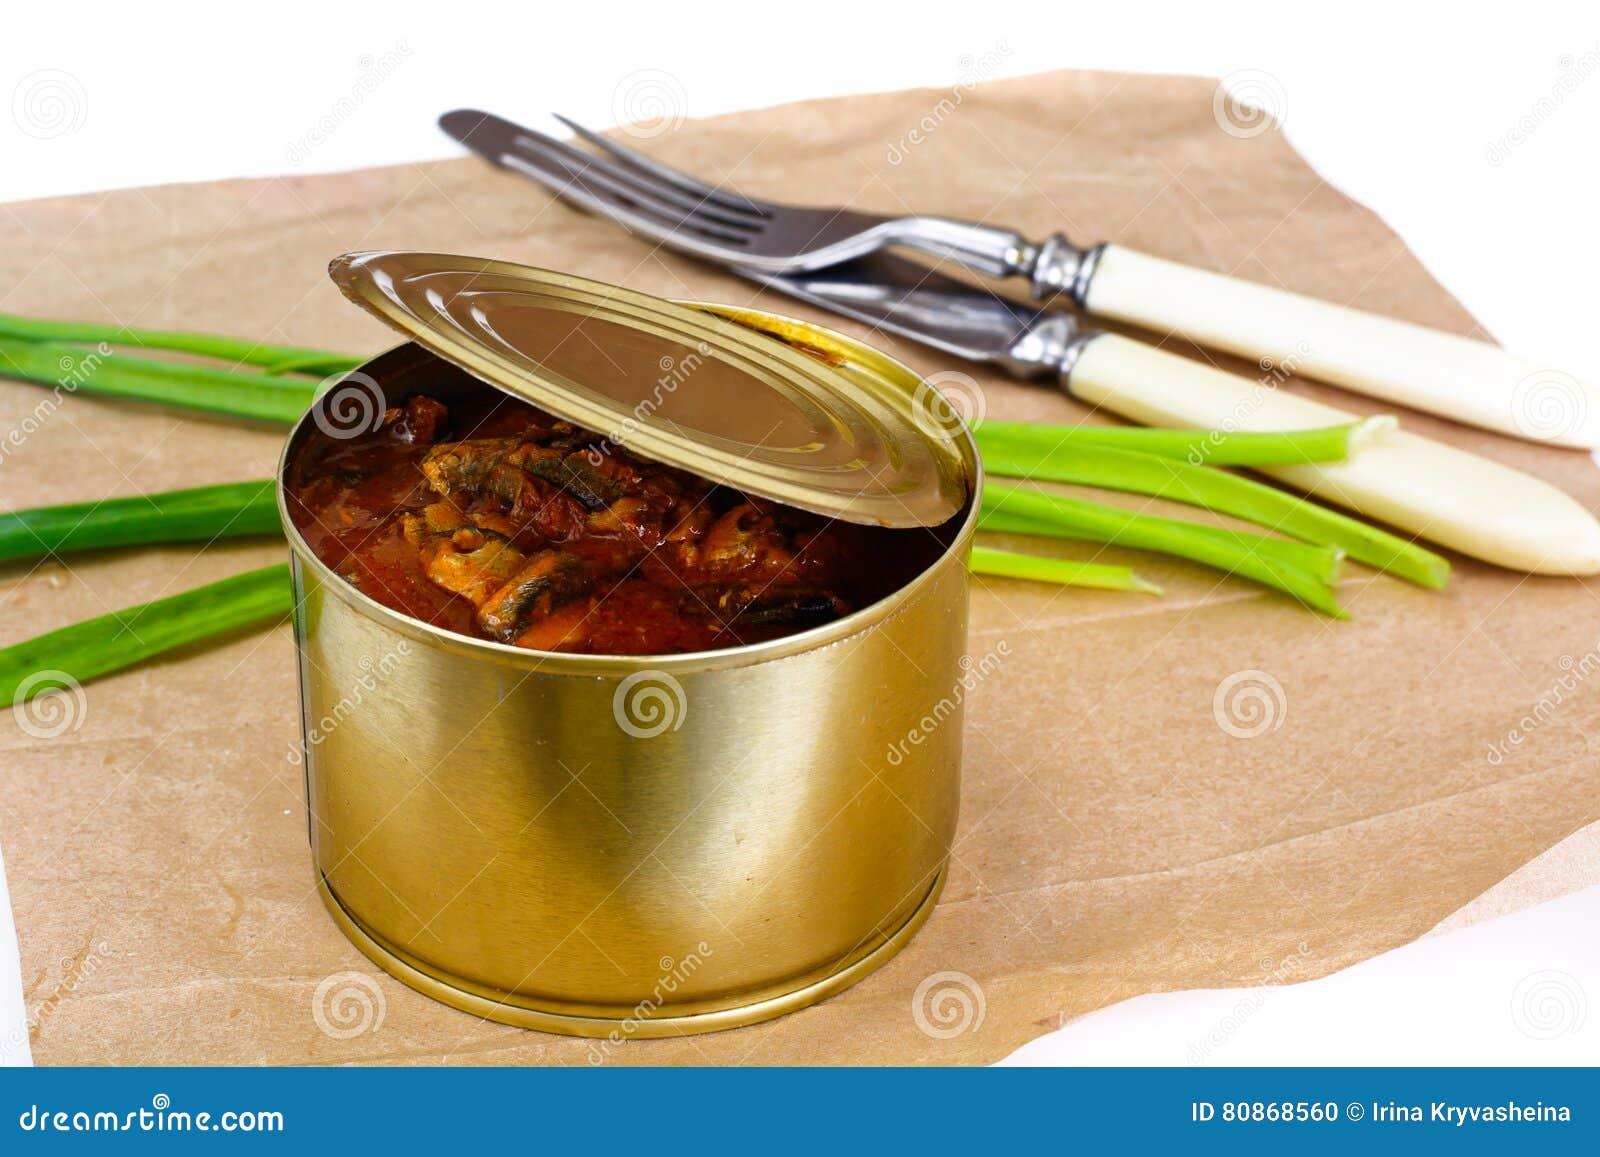 Fish sprat soup in tomato sauce: a recipe 75